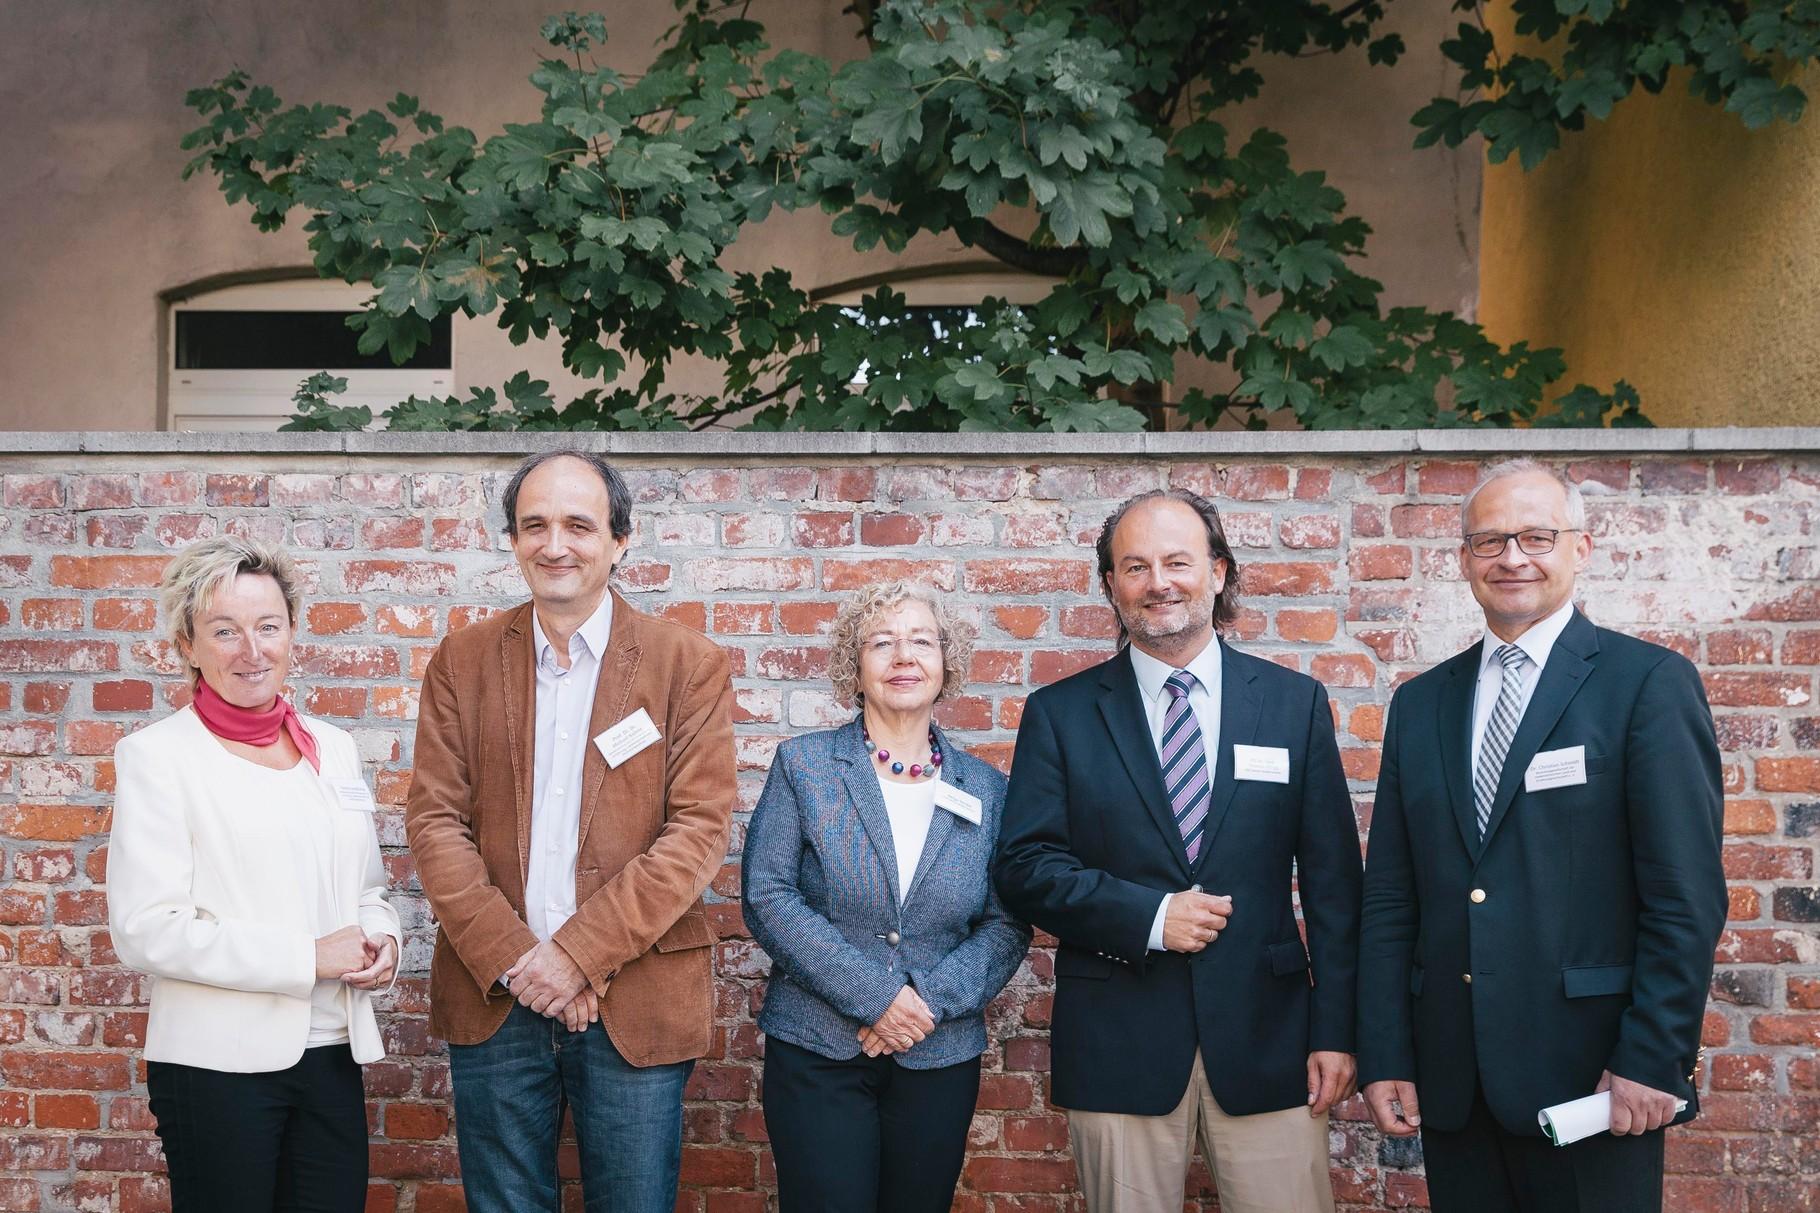 von rechts: Carola Sandkühler, Prof. Dr. Dr. Michael Kühne, Helga Strube, PD Dr. med Thomas Ellrott, Dr. Christian Schmidt